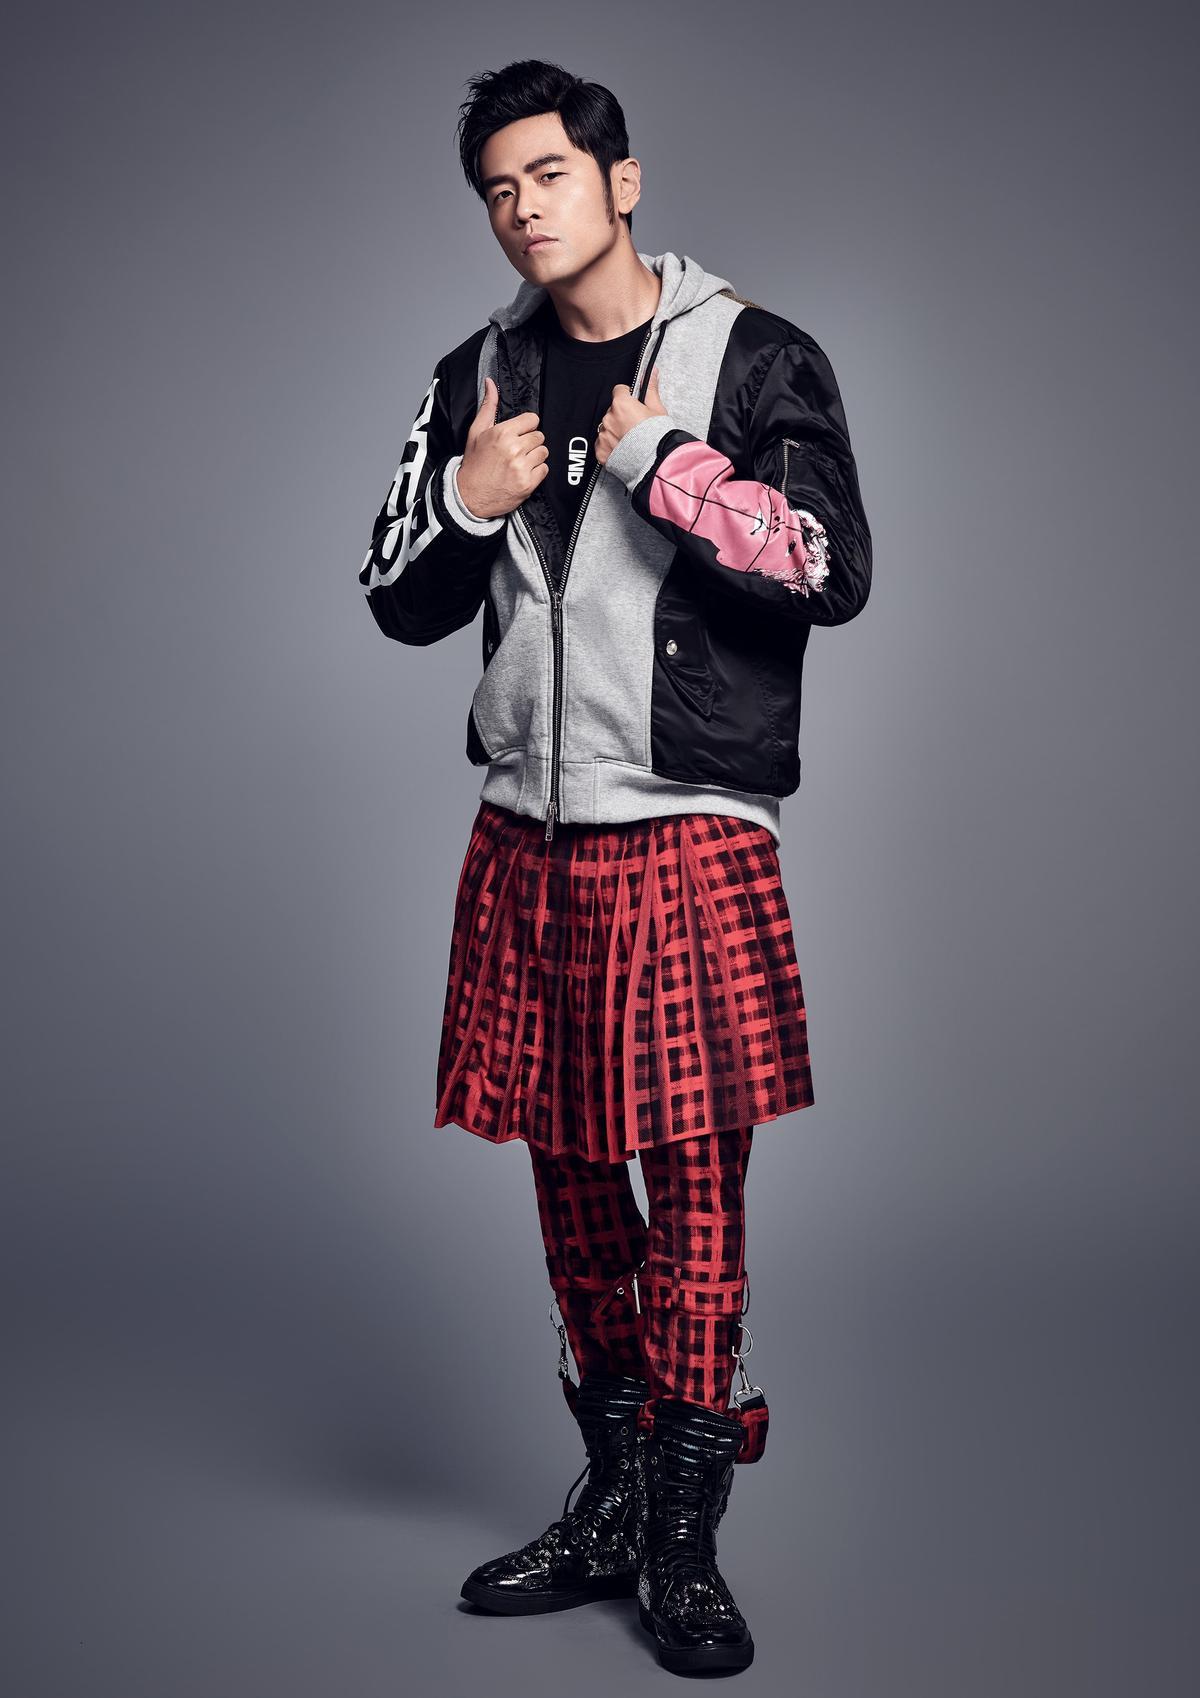 〈等你下課〉歌詞版MV請到插畫家執筆,周杰倫雖未入鏡,卻連男女主角衣服顏色及款式都很有想法提出不少意見。(杰威爾提供)